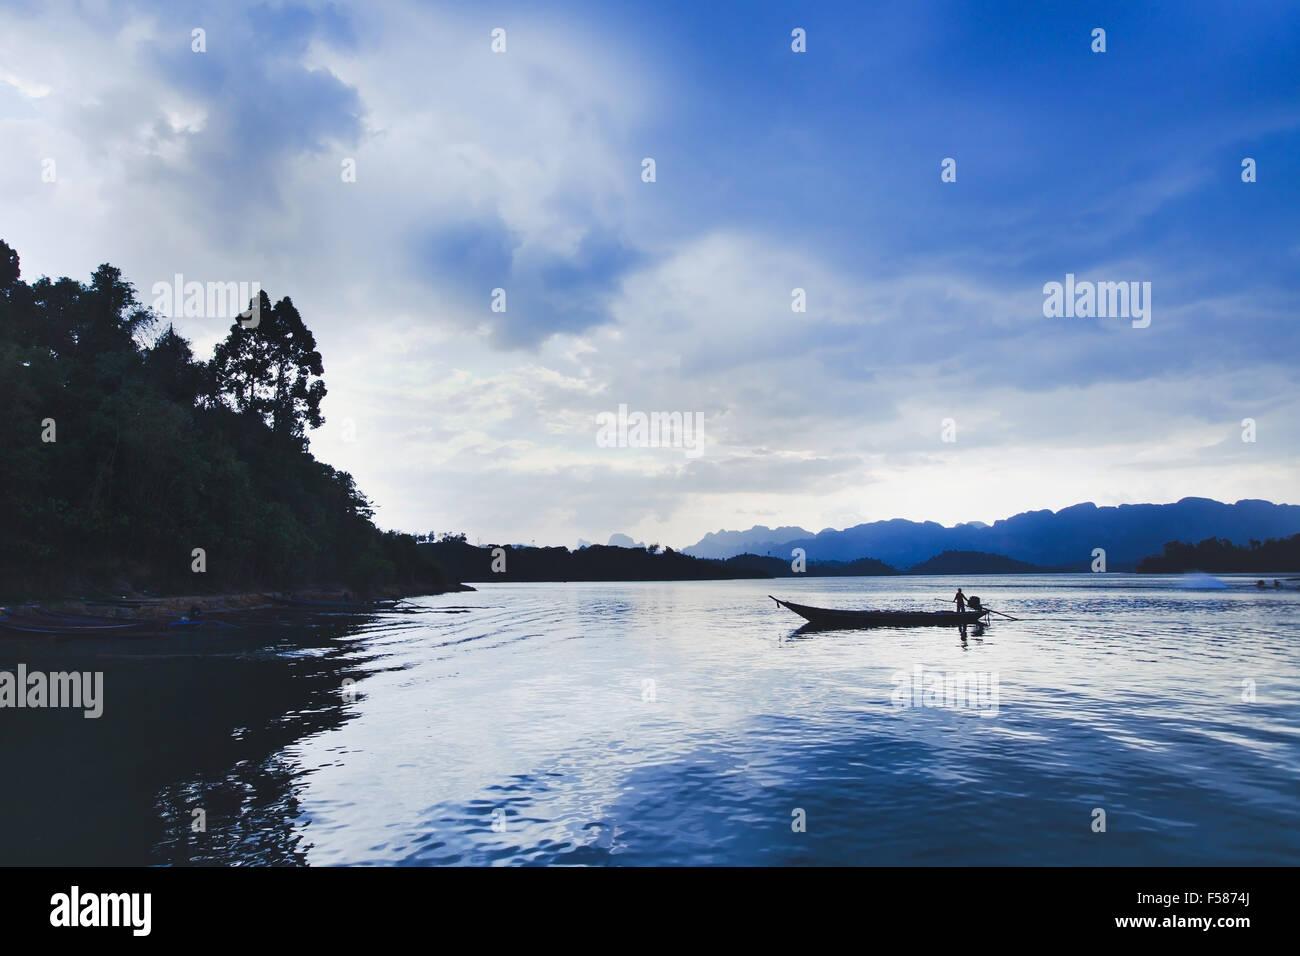 Belle vue panoramique sur le lac avec barque de pêcheur Photo Stock